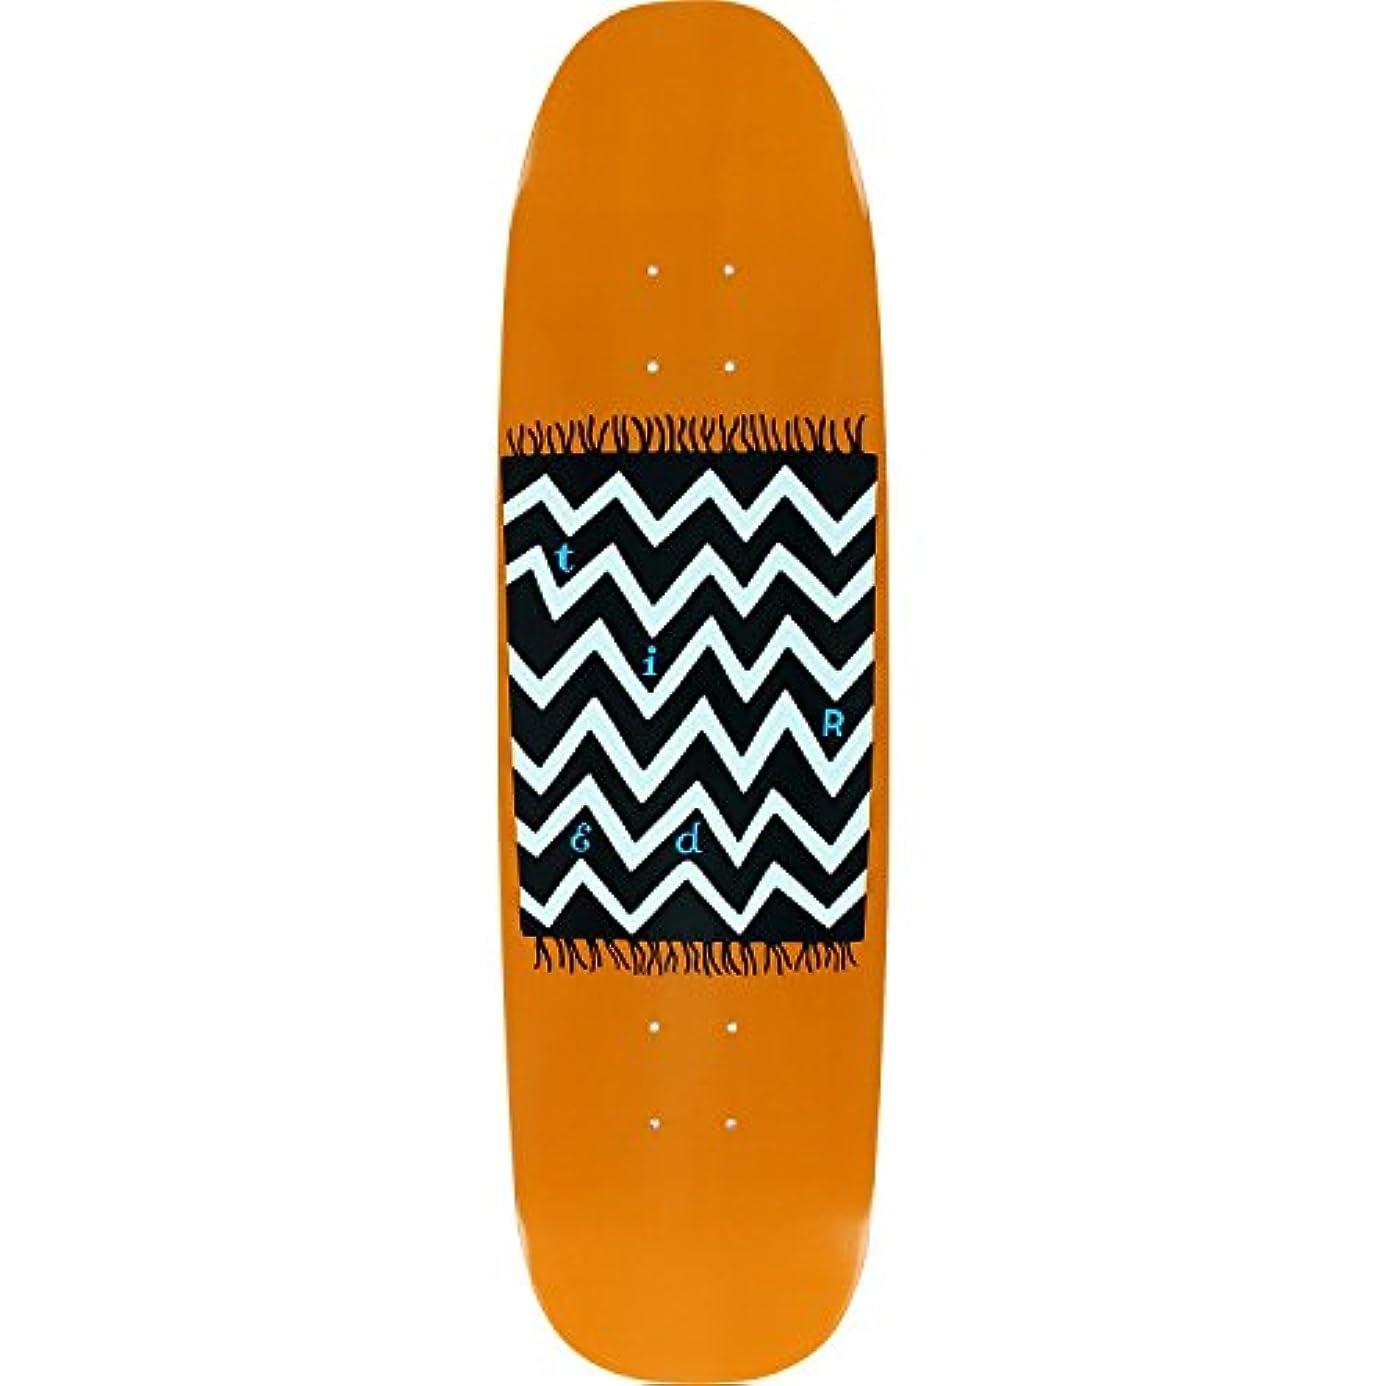 私の立証する検体疲れているカーペットonチャックスケートボードデッキ-8.62 X 31.75 – Assembled as complete skateboard